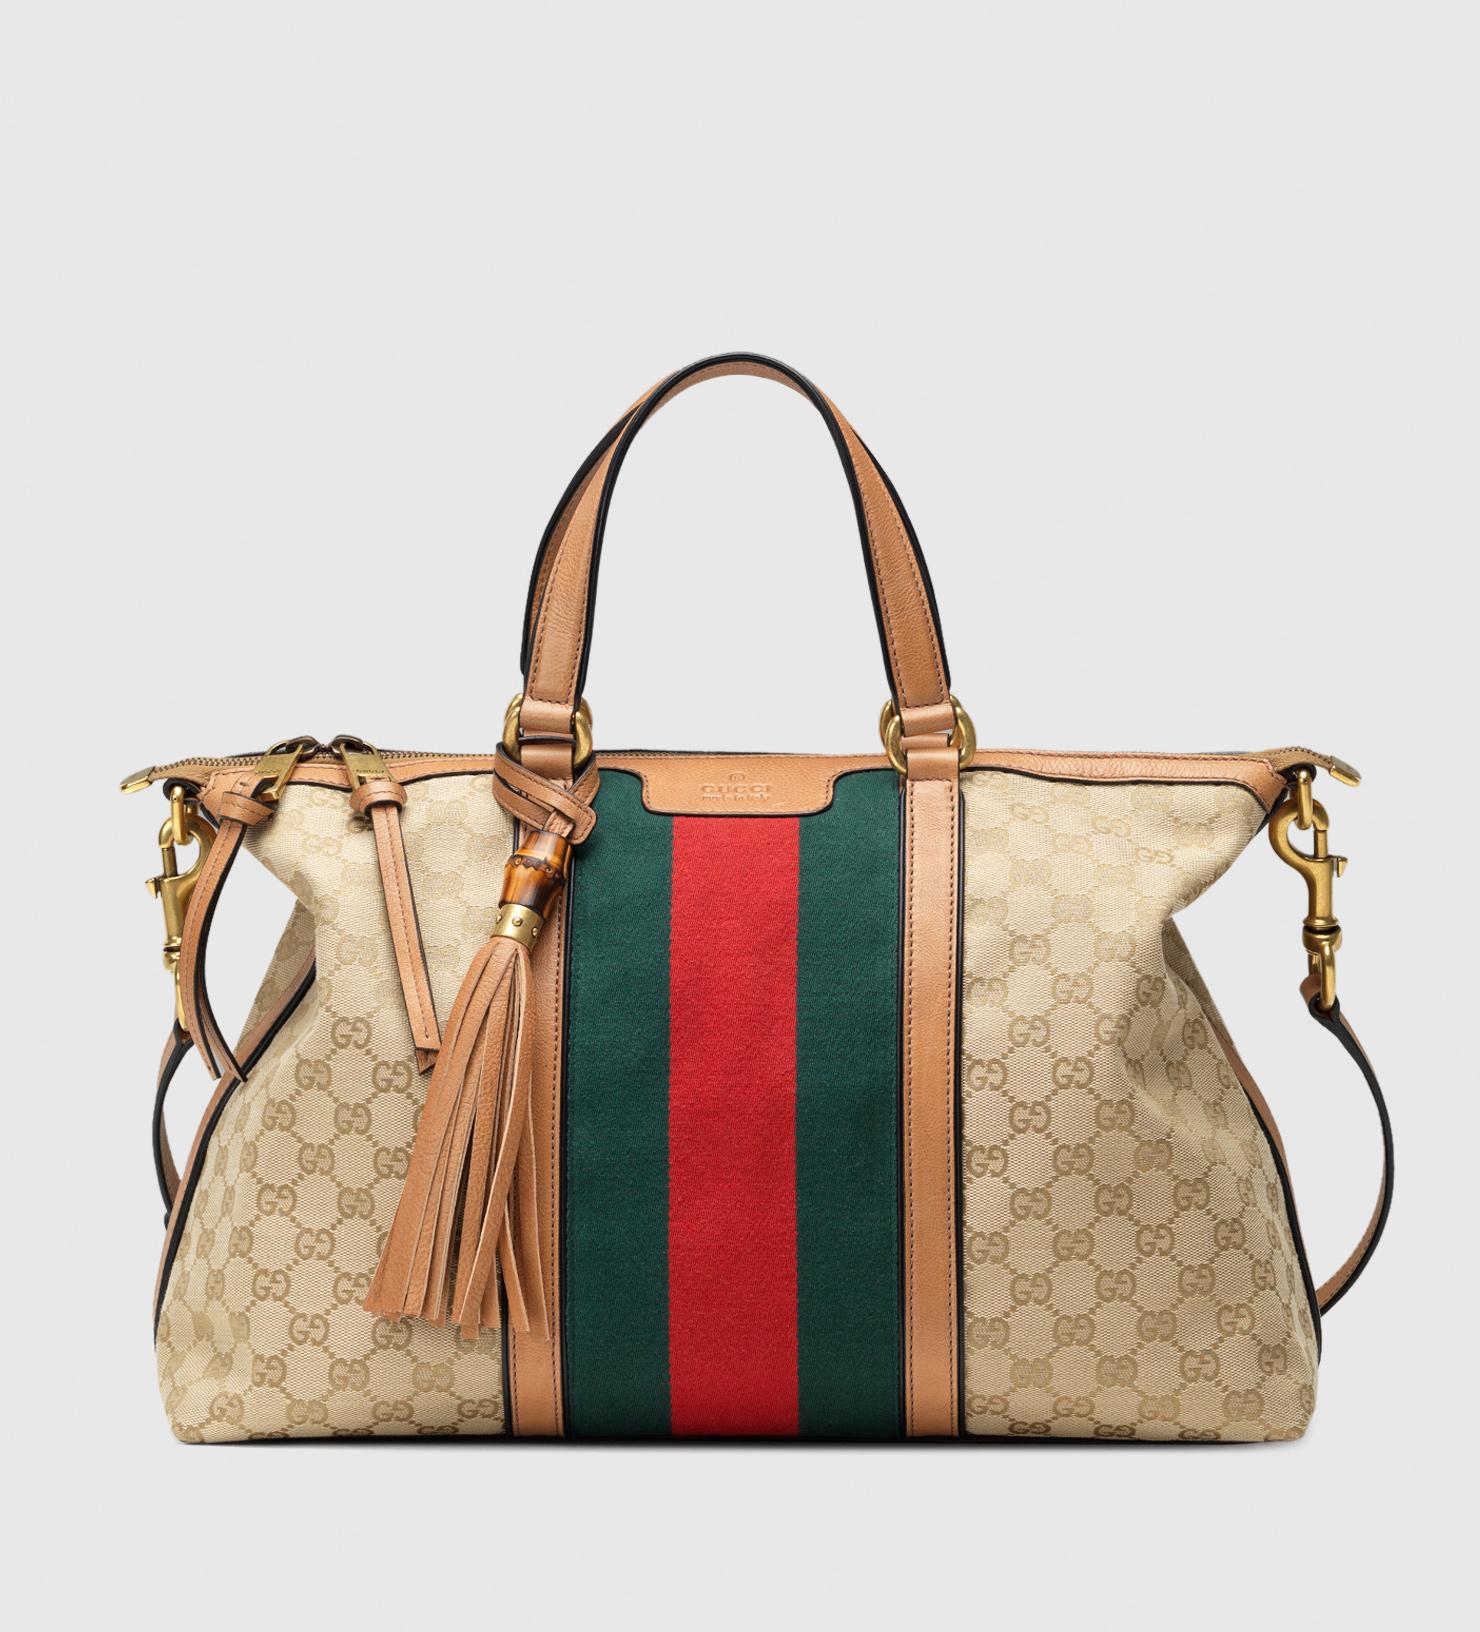 d31ff85de66c Lyst - Gucci Rania Original Gg Canvas Top Handle Bag in Blue